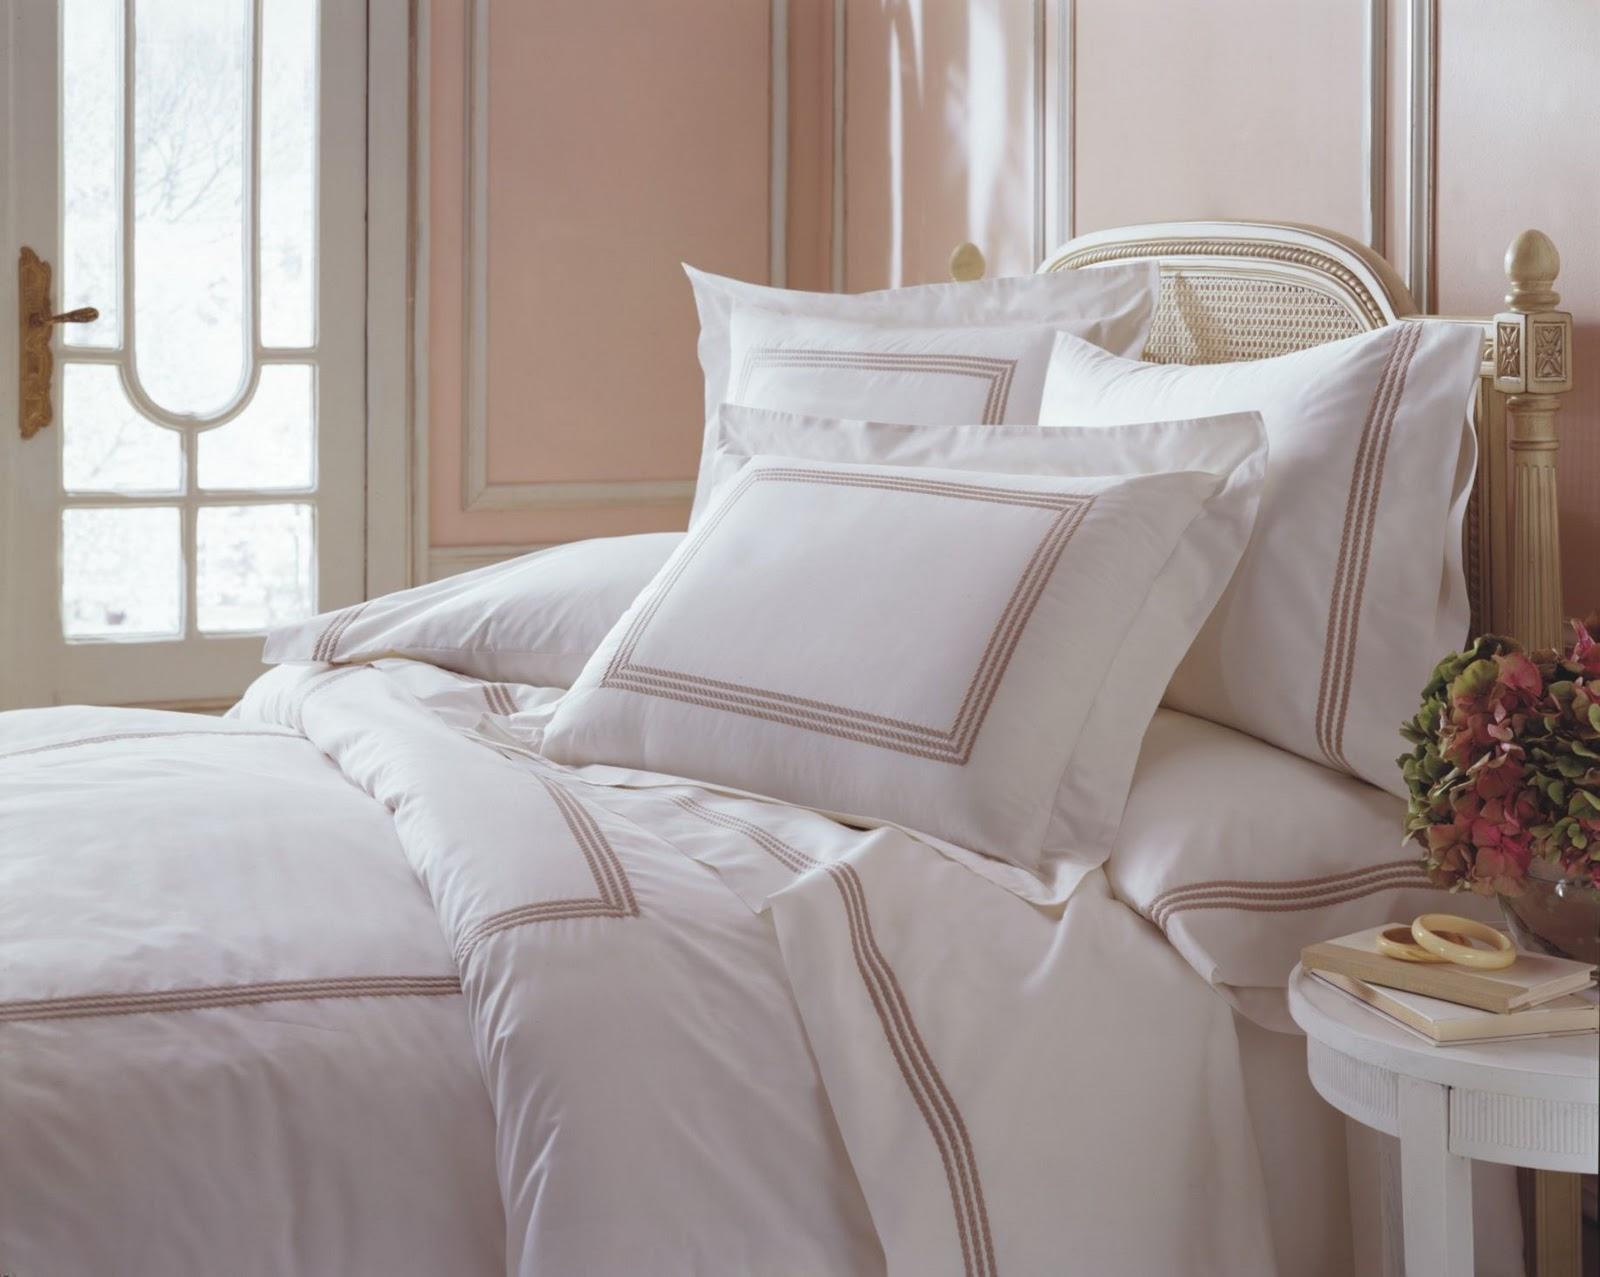 Consejos para elegir la ropa de cama - Lexington ropa de cama ...